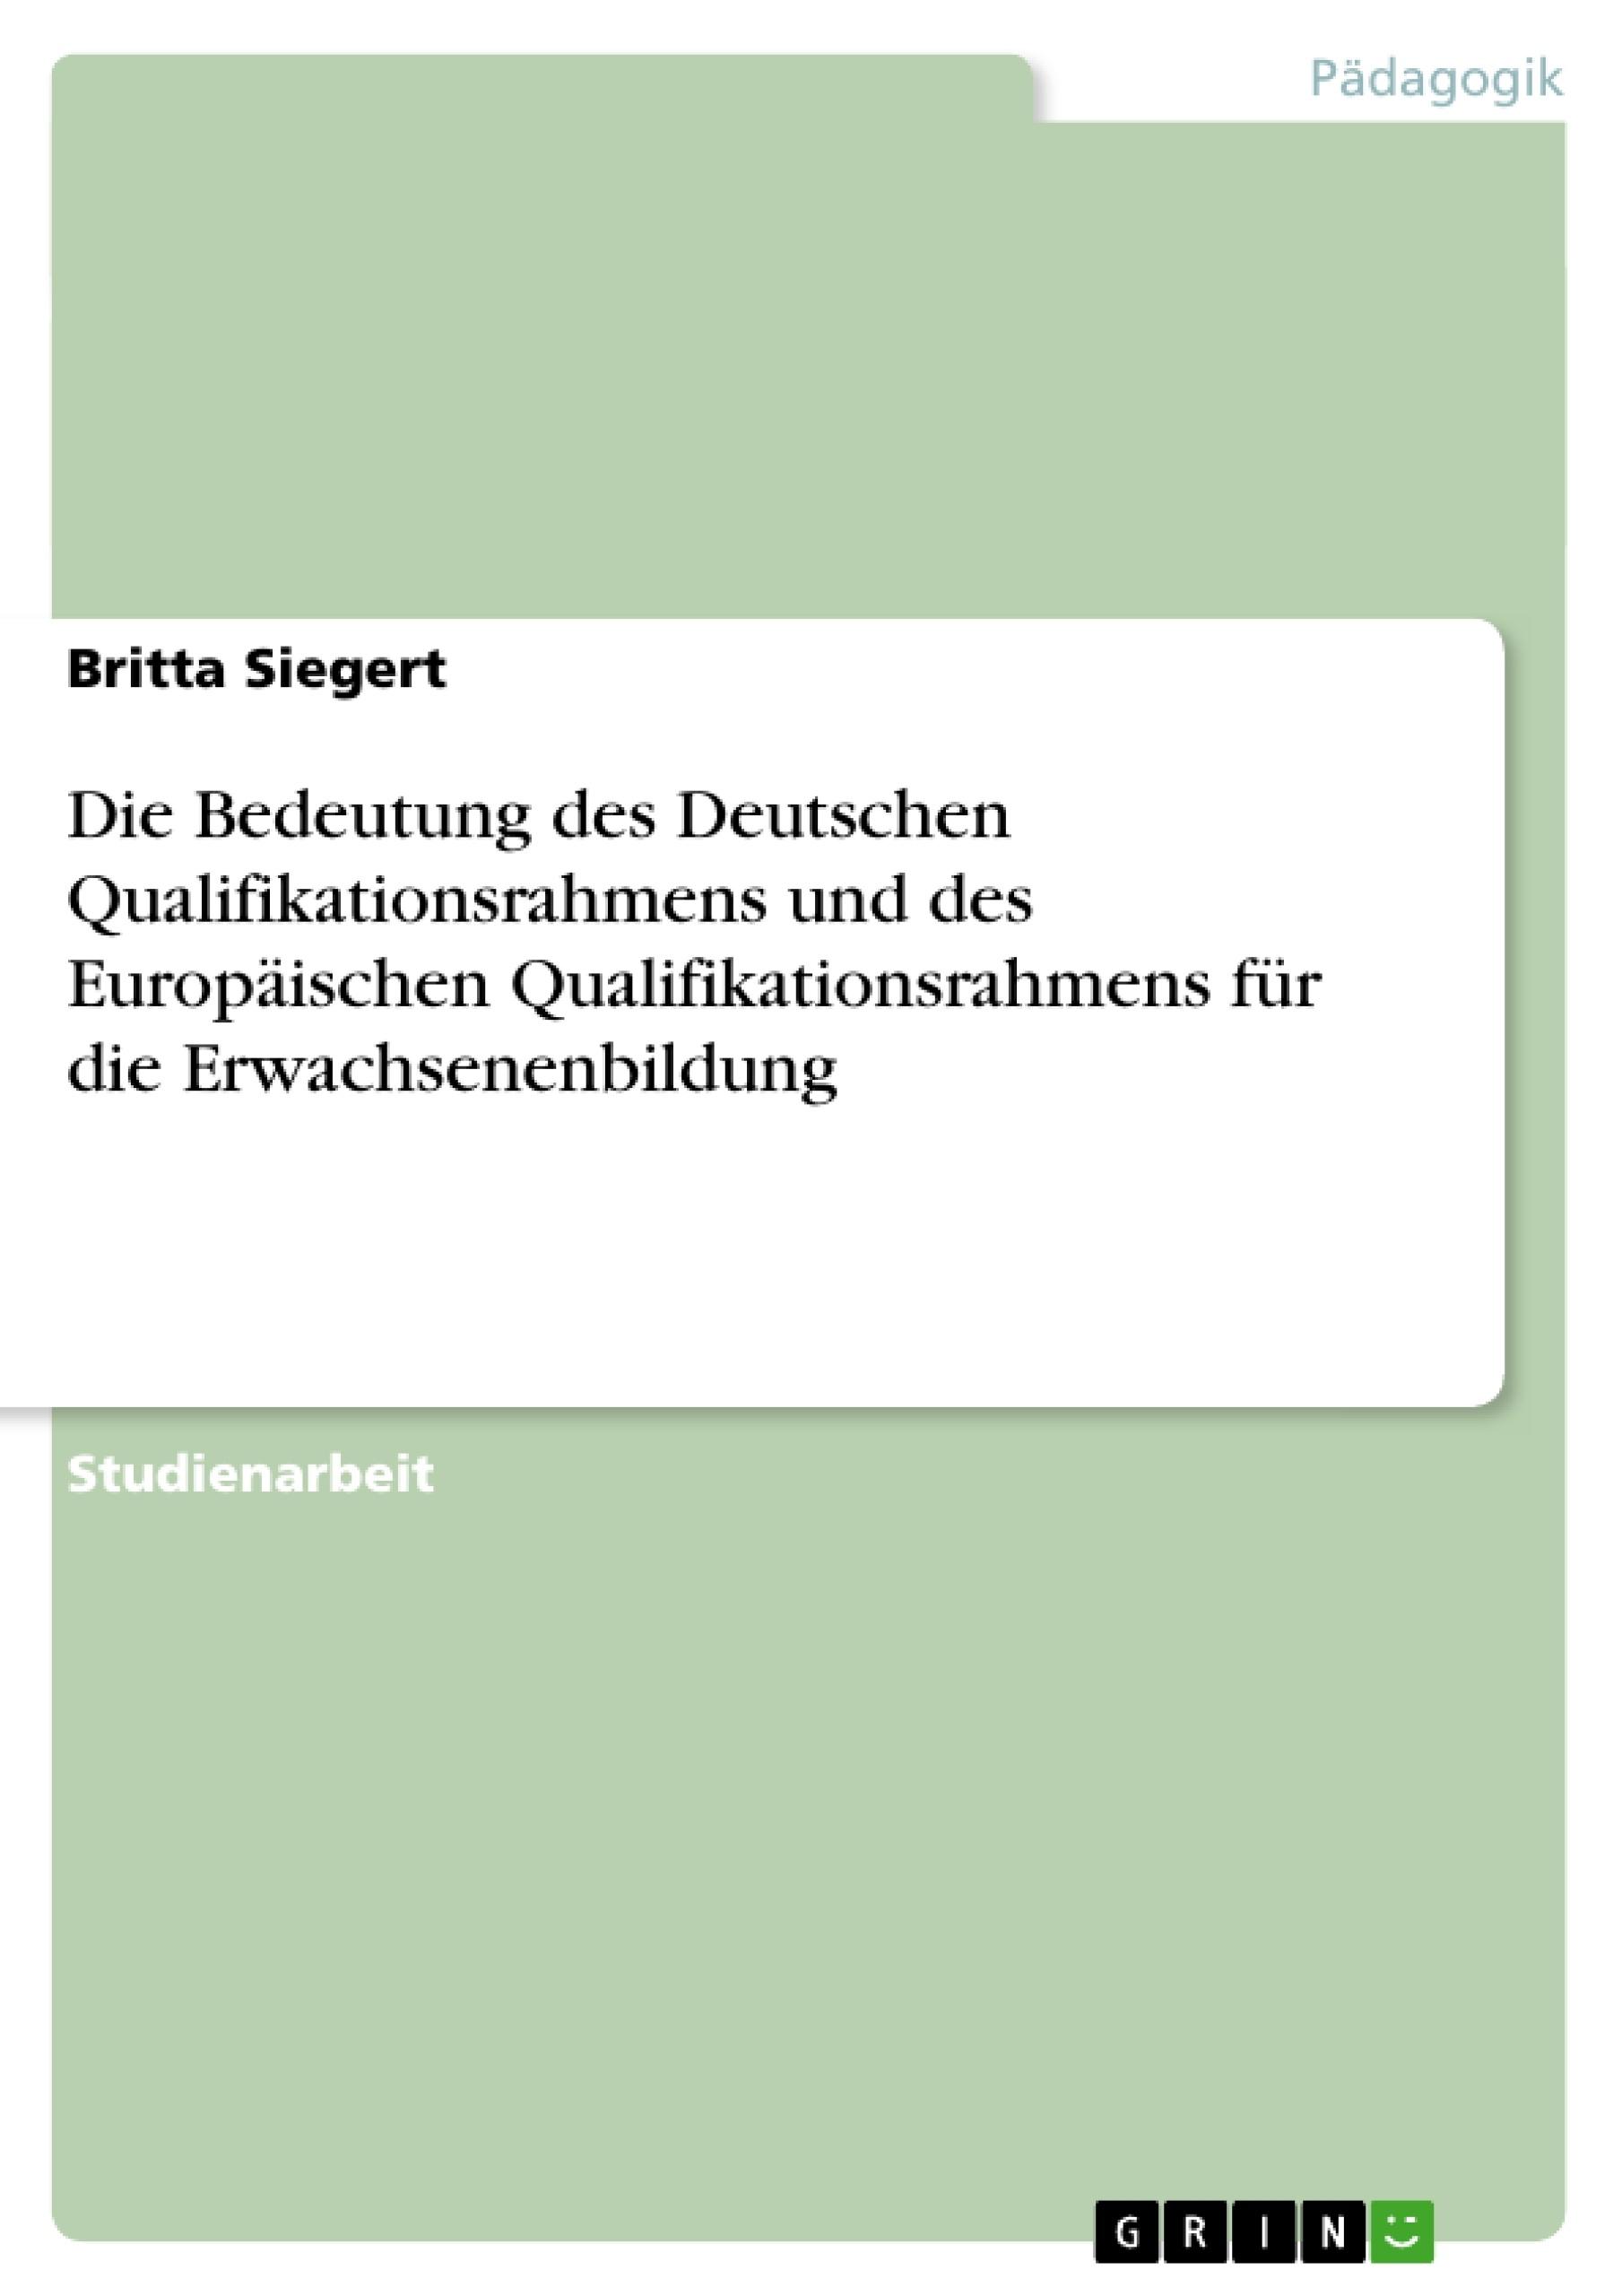 Titel: Die Bedeutung des Deutschen Qualifikationsrahmens und des Europäischen Qualifikationsrahmens für die Erwachsenenbildung